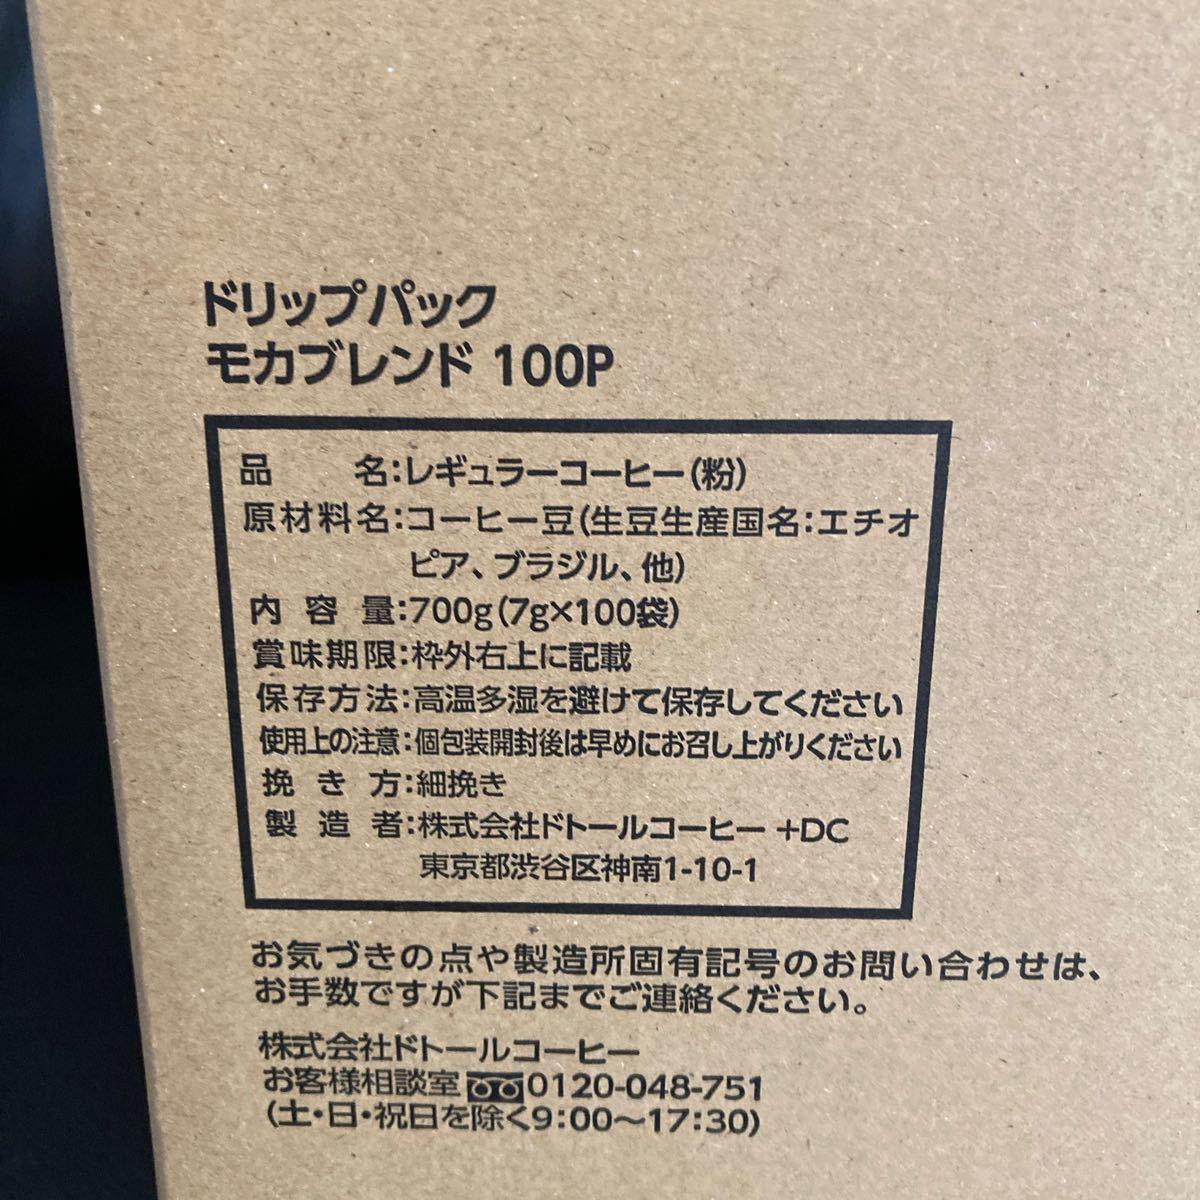 DOUTOR ドトール モカブレンド ドリップパック レギュラーコーヒー 100袋 個包装